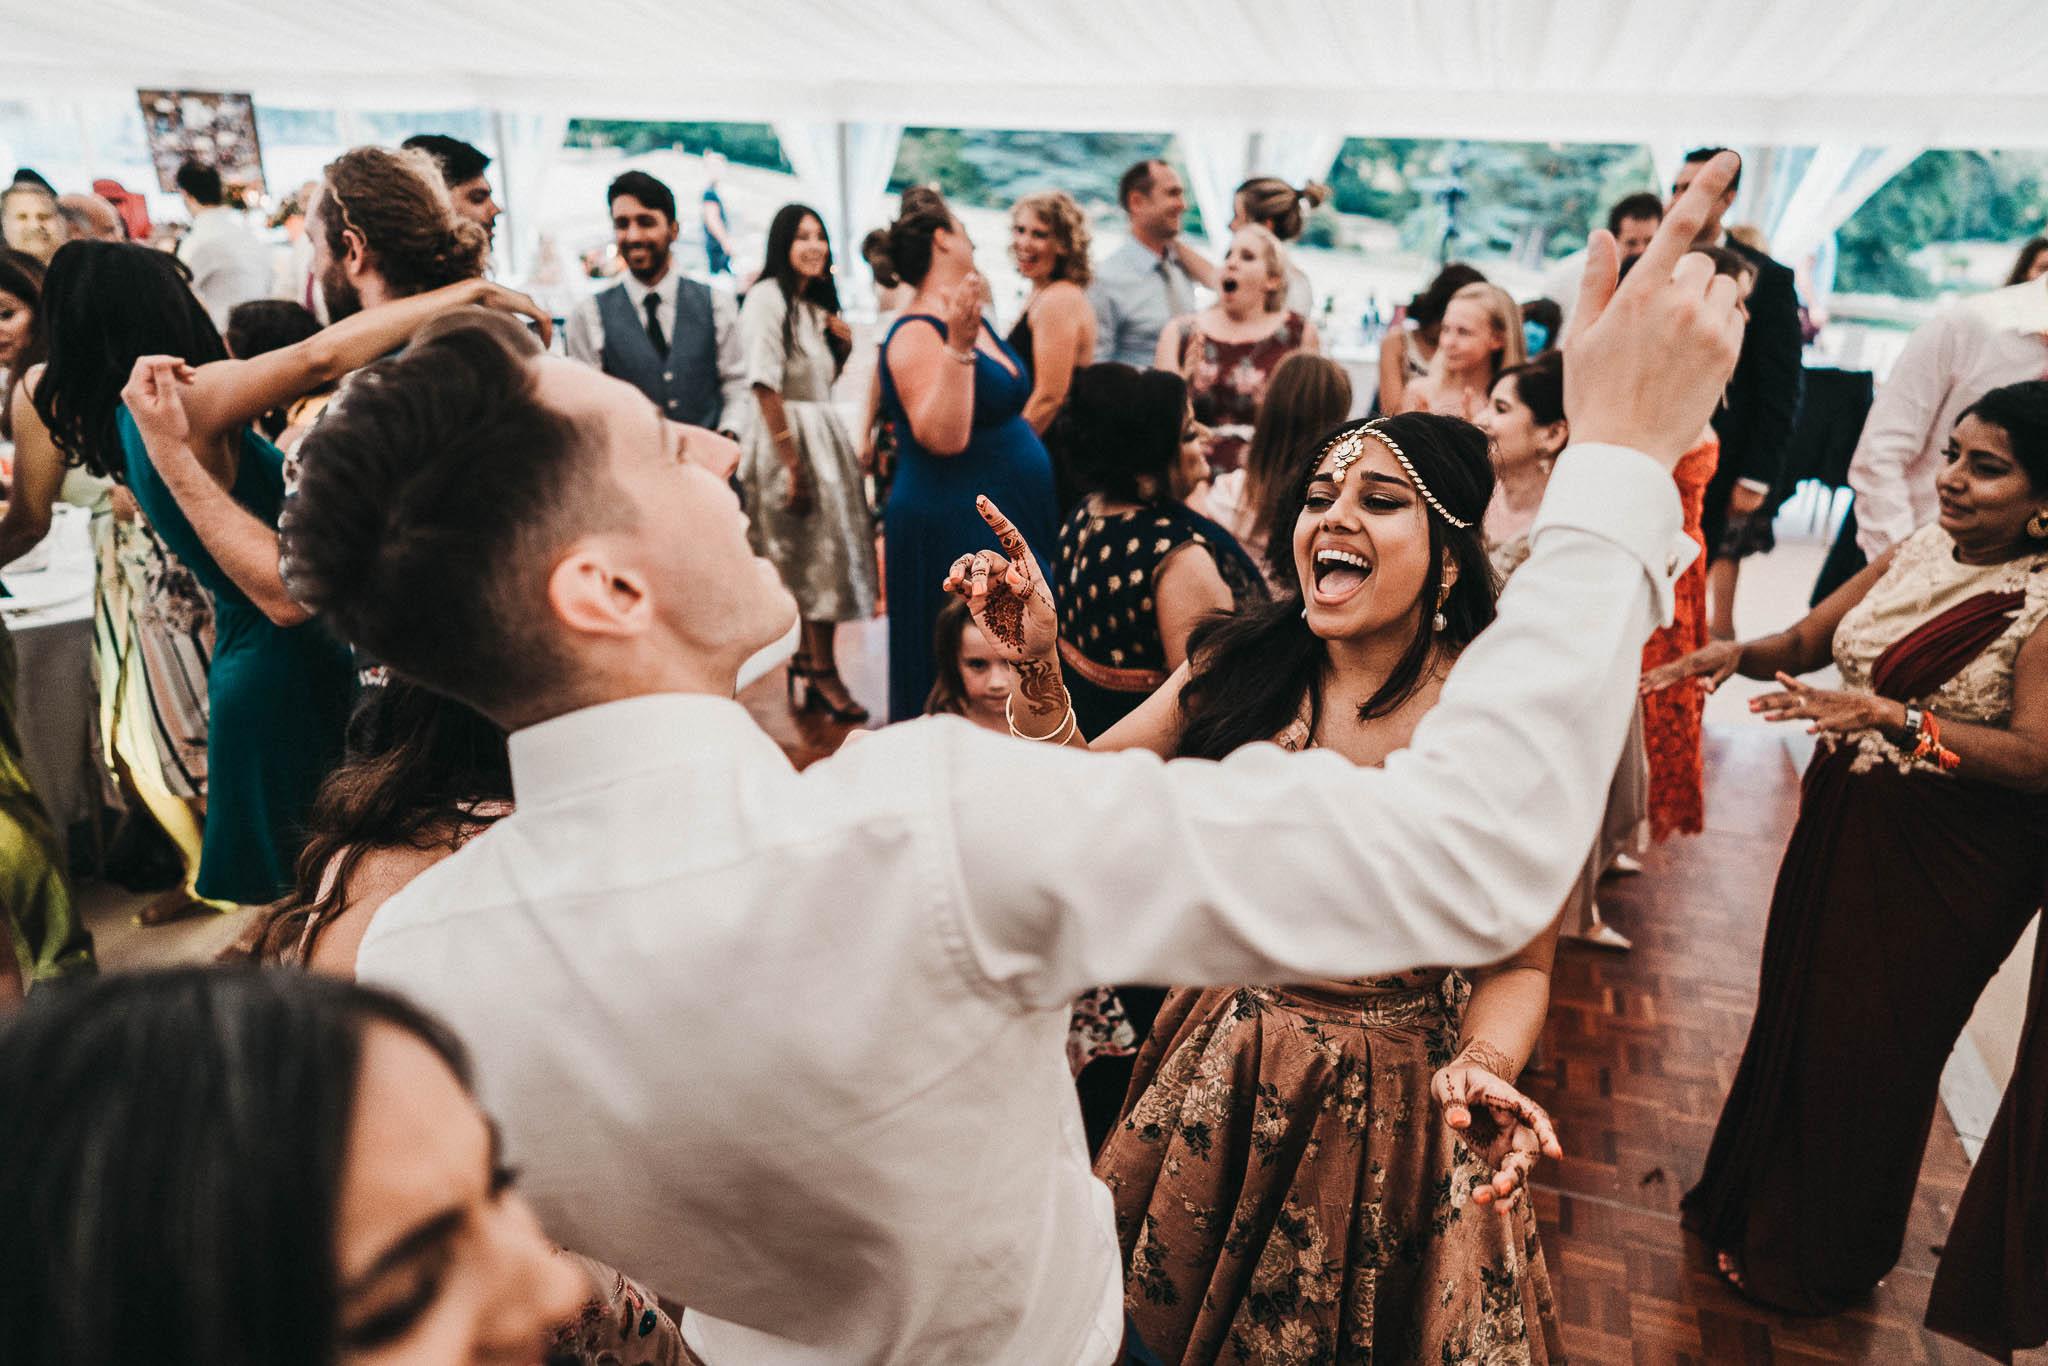 sezincote-wedding-186.jpg